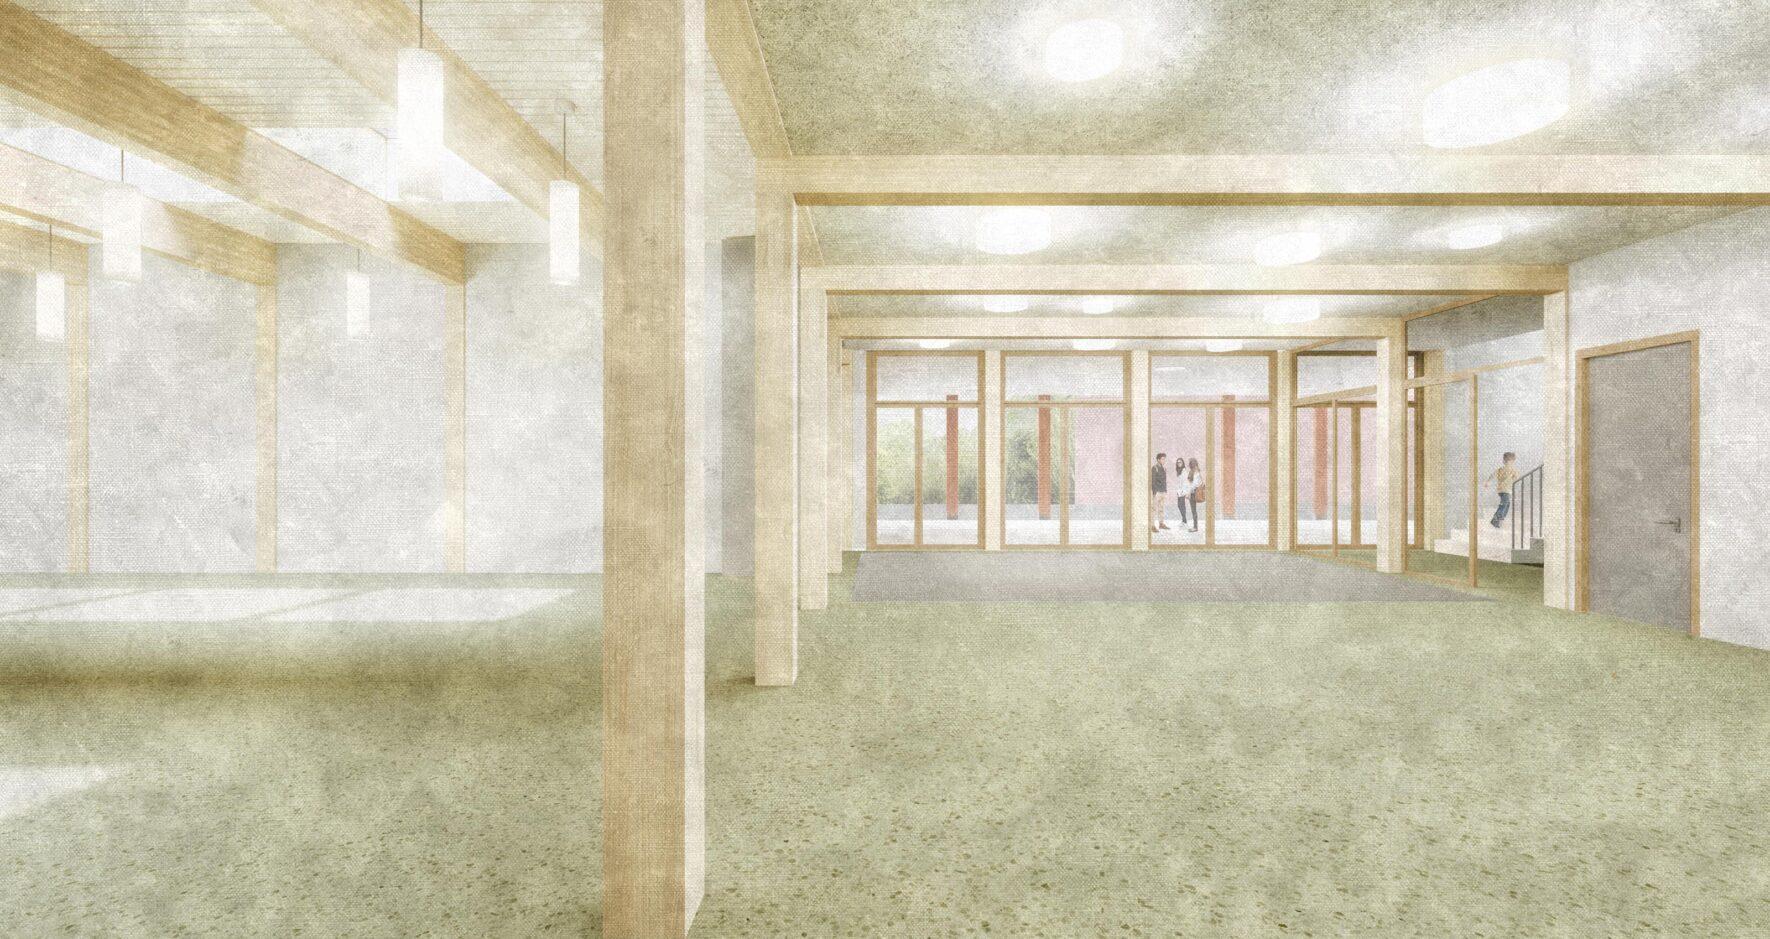 Gesamtleistungswettbewerb Neubau Schulhaus Risiacher Buchs AG